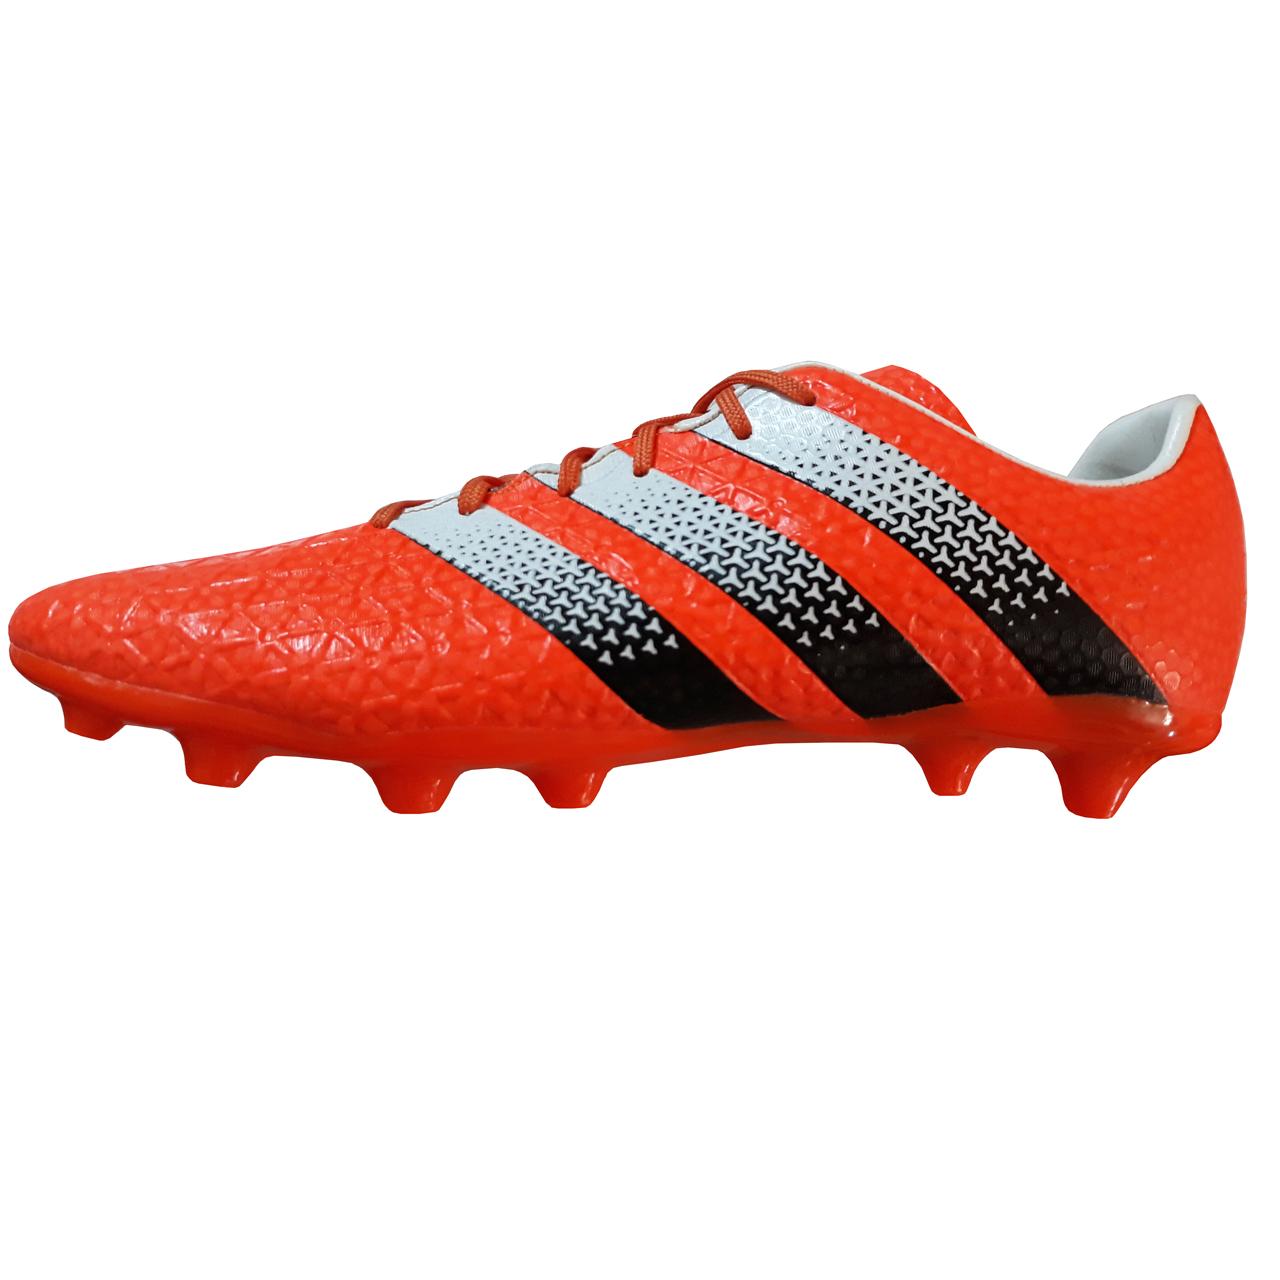 قیمت کفش فوتبال مردانه مدل ad101